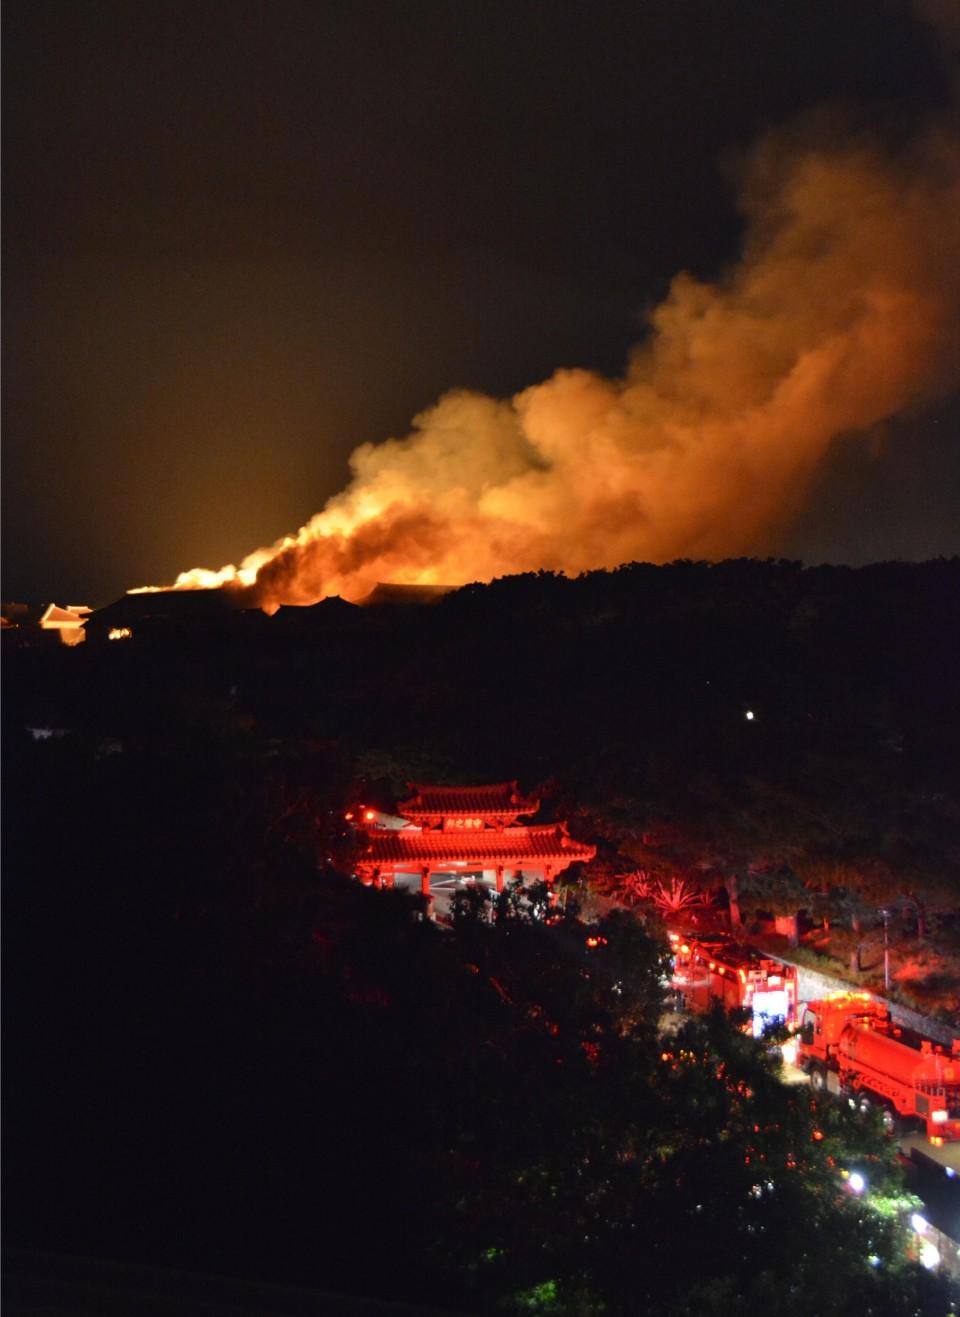 Lính cứu hỏa đang tham gia dập tắt đám cháy thành Shuri (Nguồn: Kyodo News)